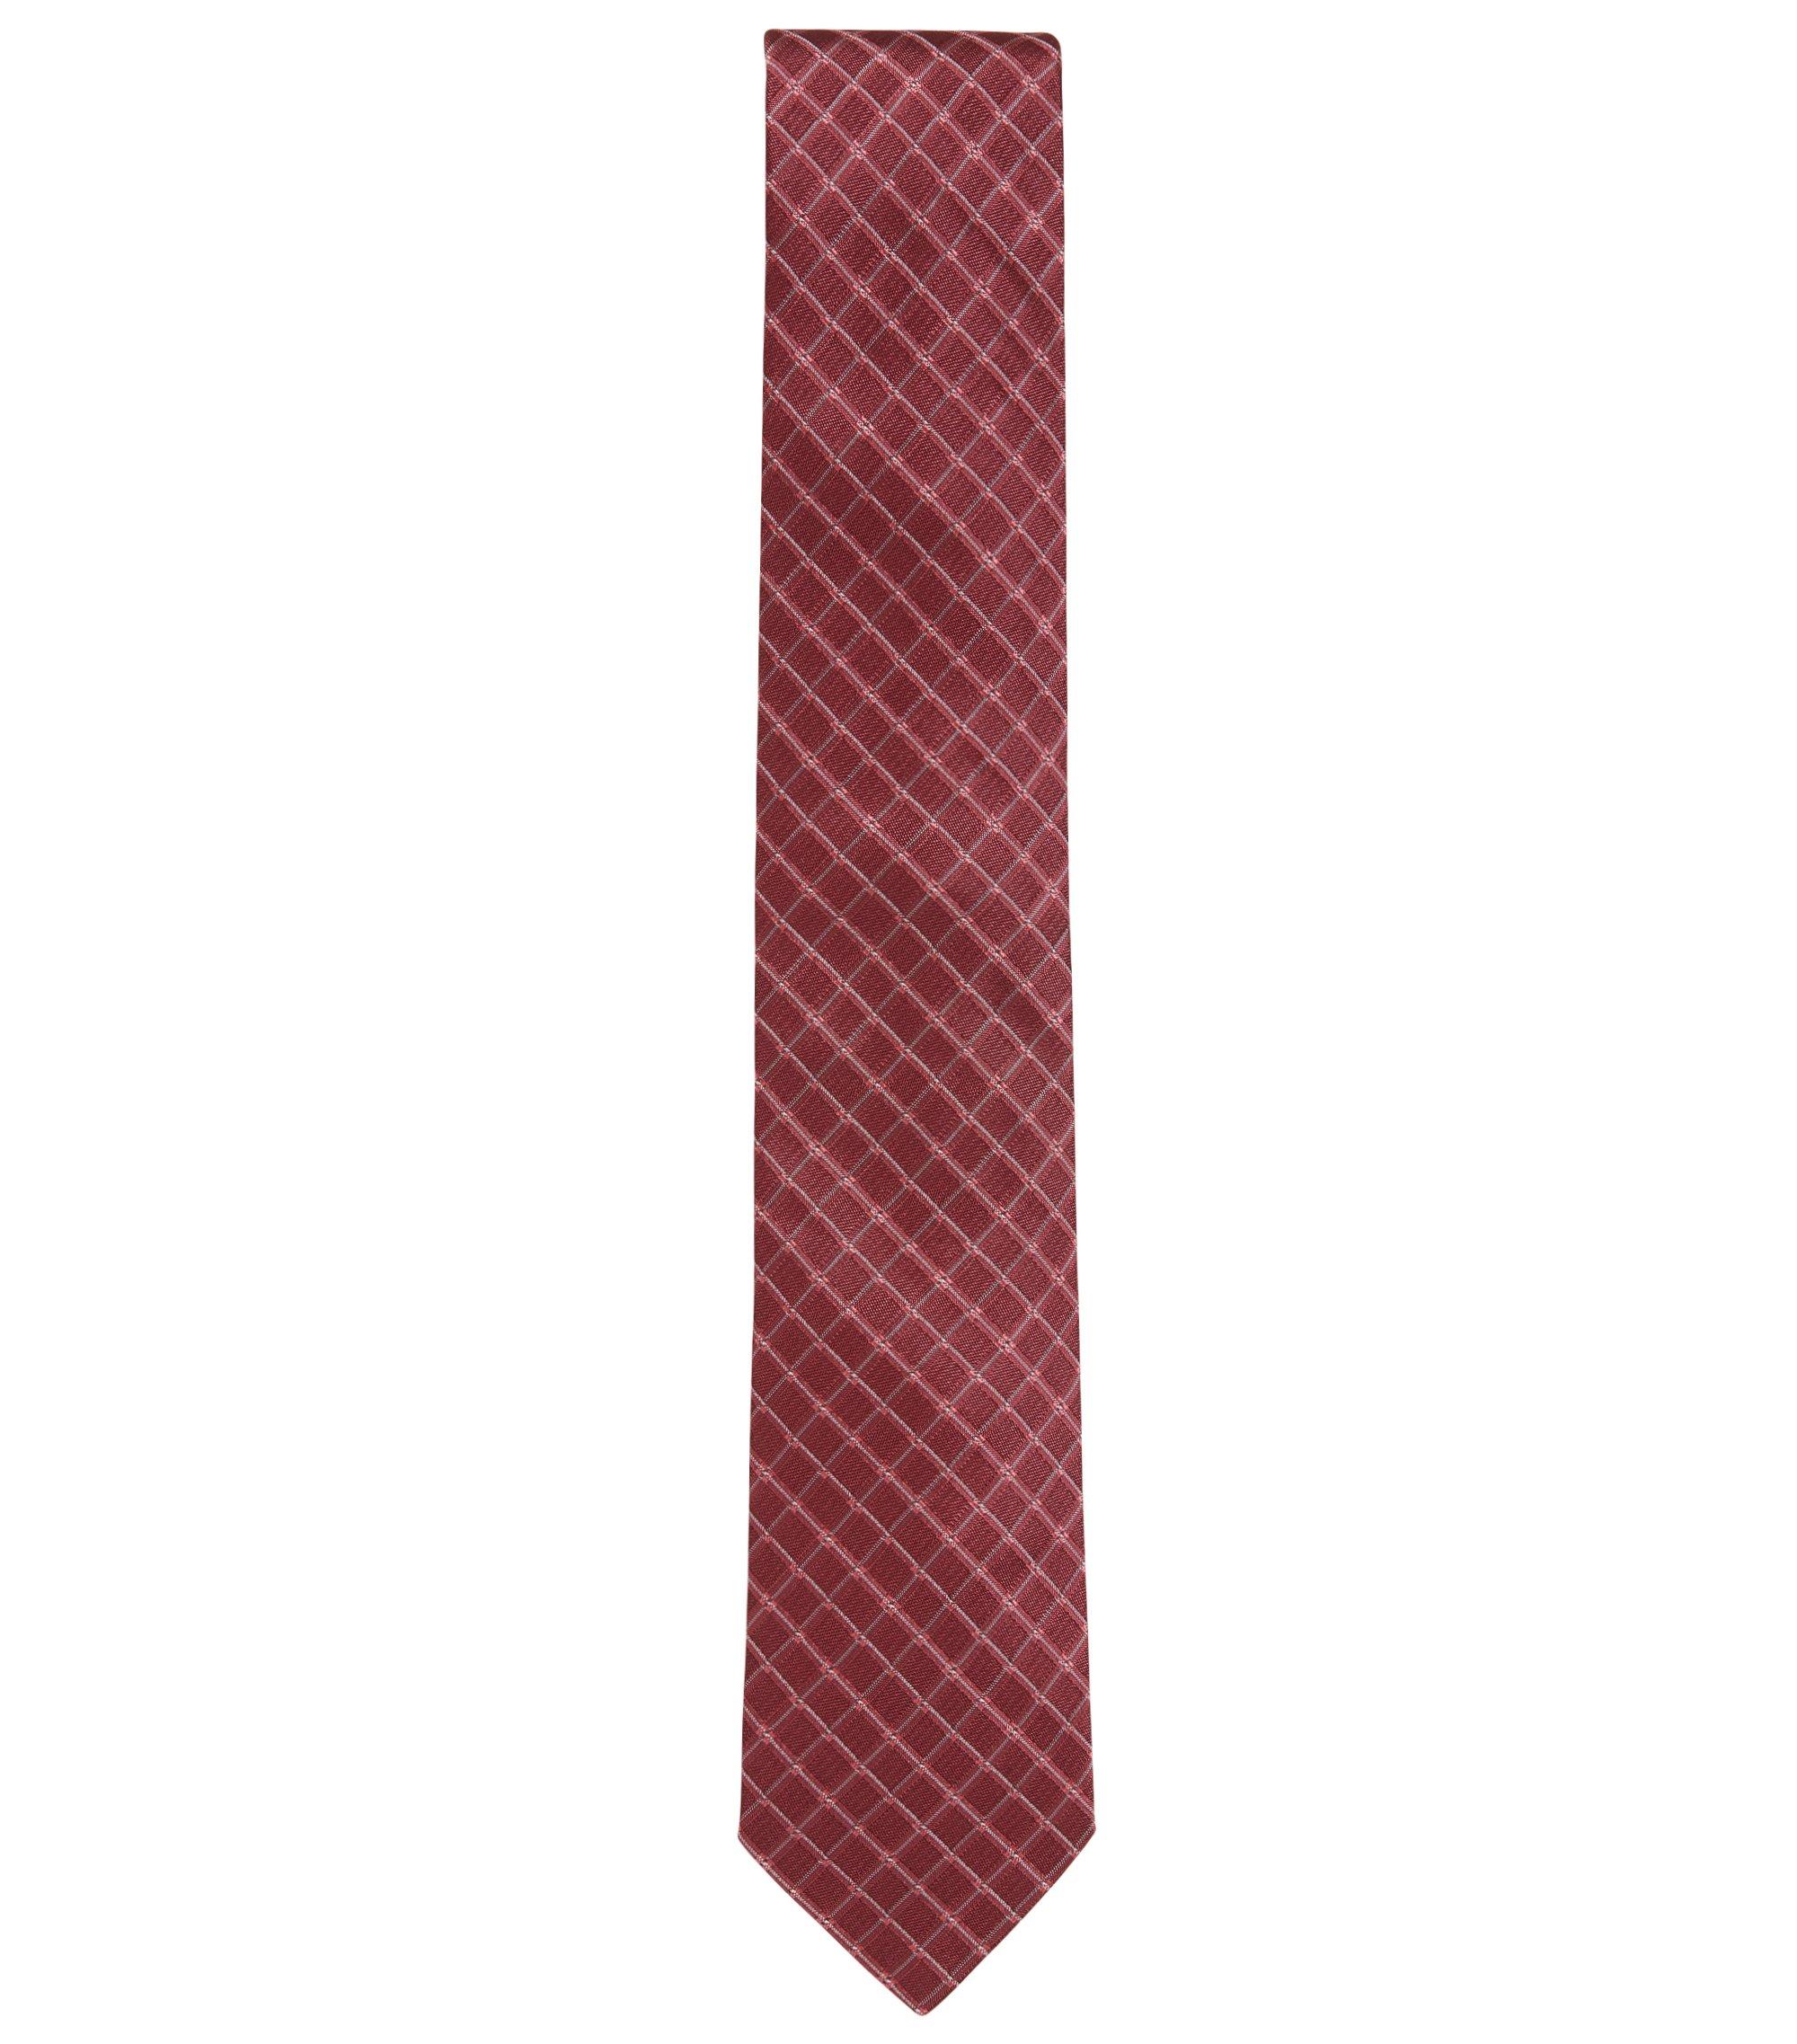 Cravate en jacquard de soie à carreaux en diagonale, Rouge